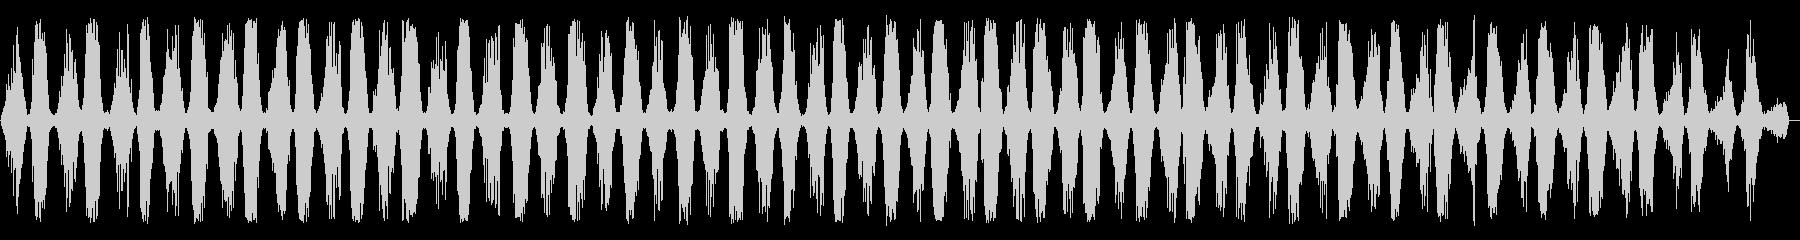 のこぎりの音(長め)の未再生の波形